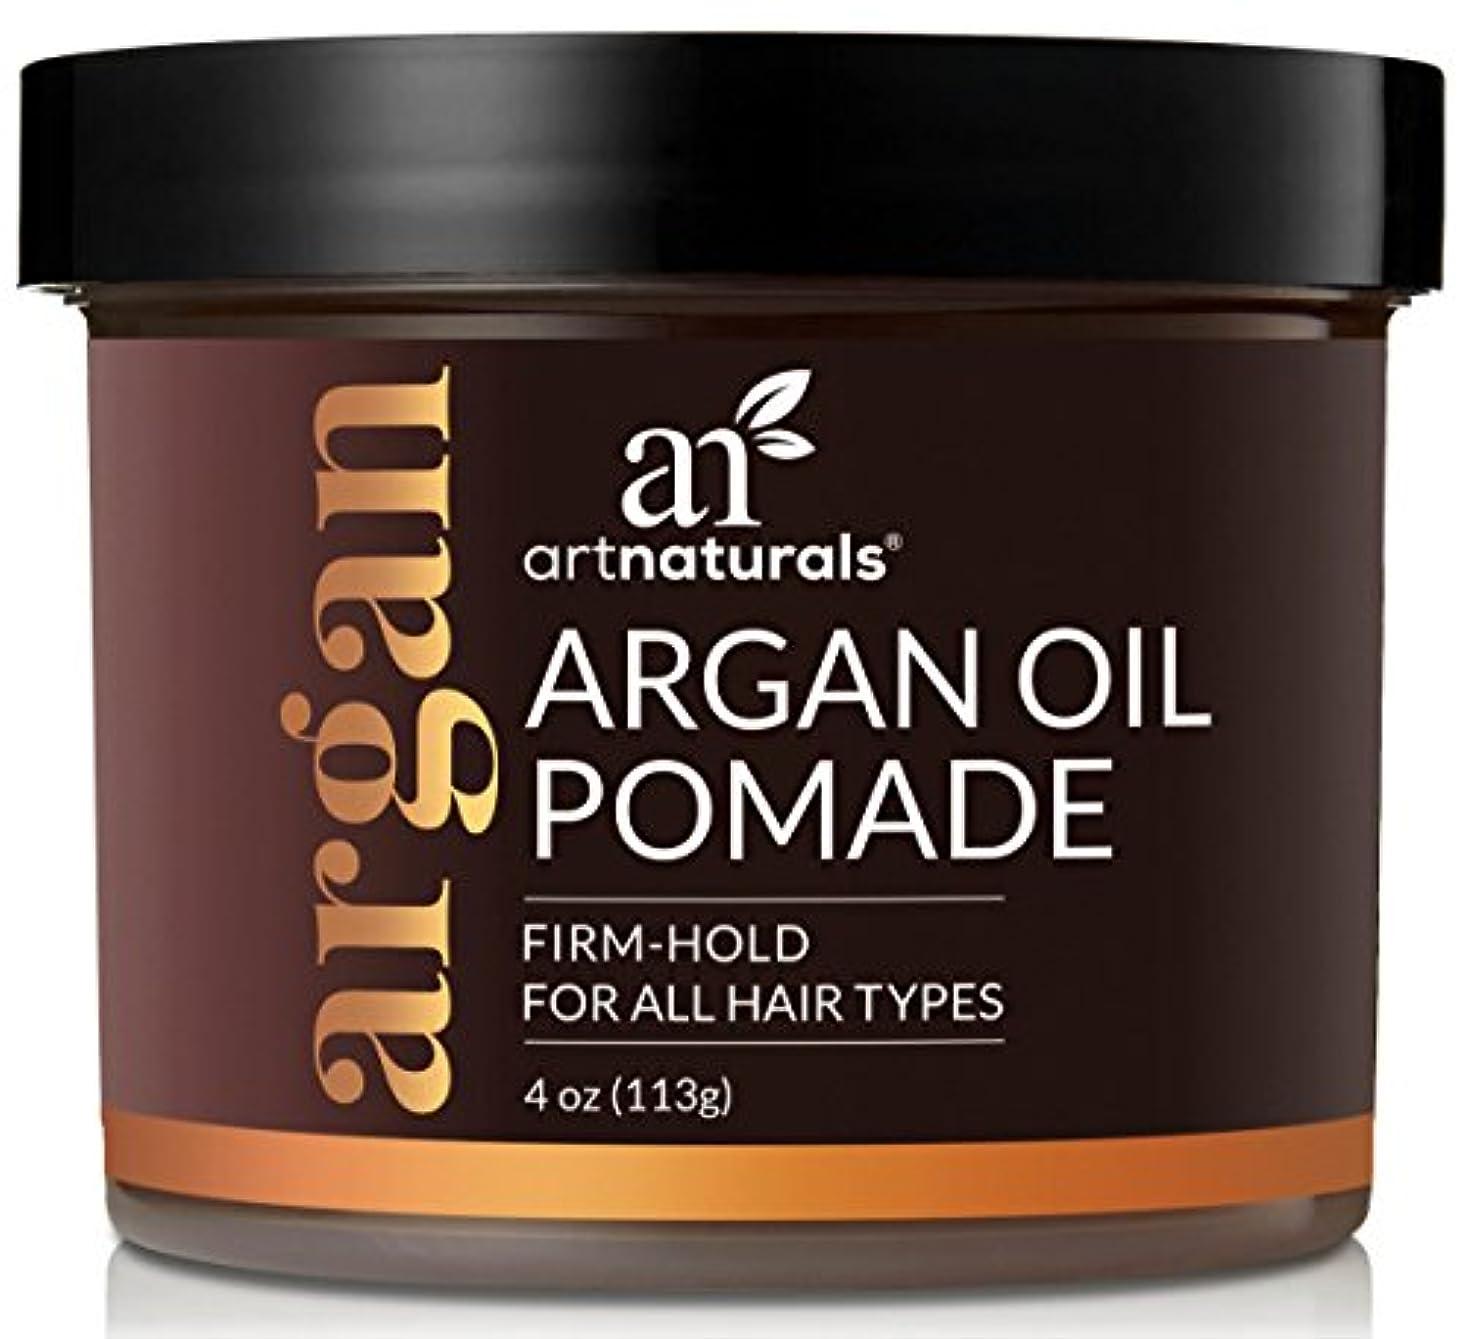 で出来ている安全でない不振ArtNaturals Professional Argan Oil Pomade - (4 Oz / 113g) - Strong Hold for All Hair Types – Natural Hair Styling...